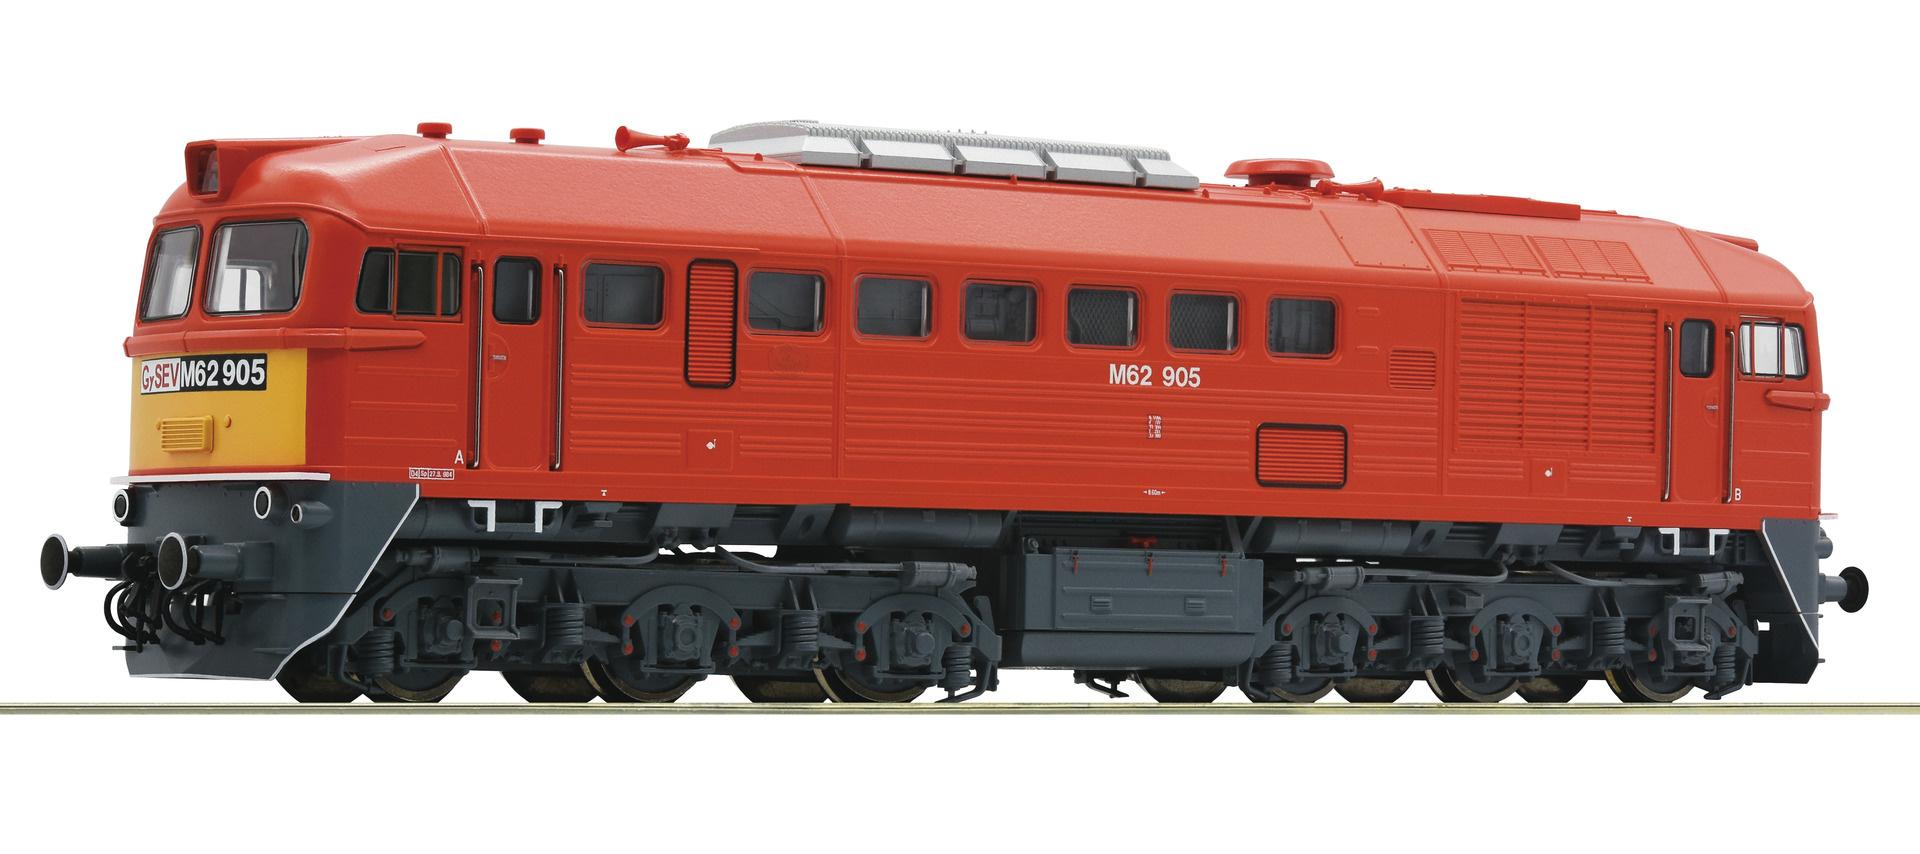 73244 zware diesellok M62 van de Gysev DCC sound-1